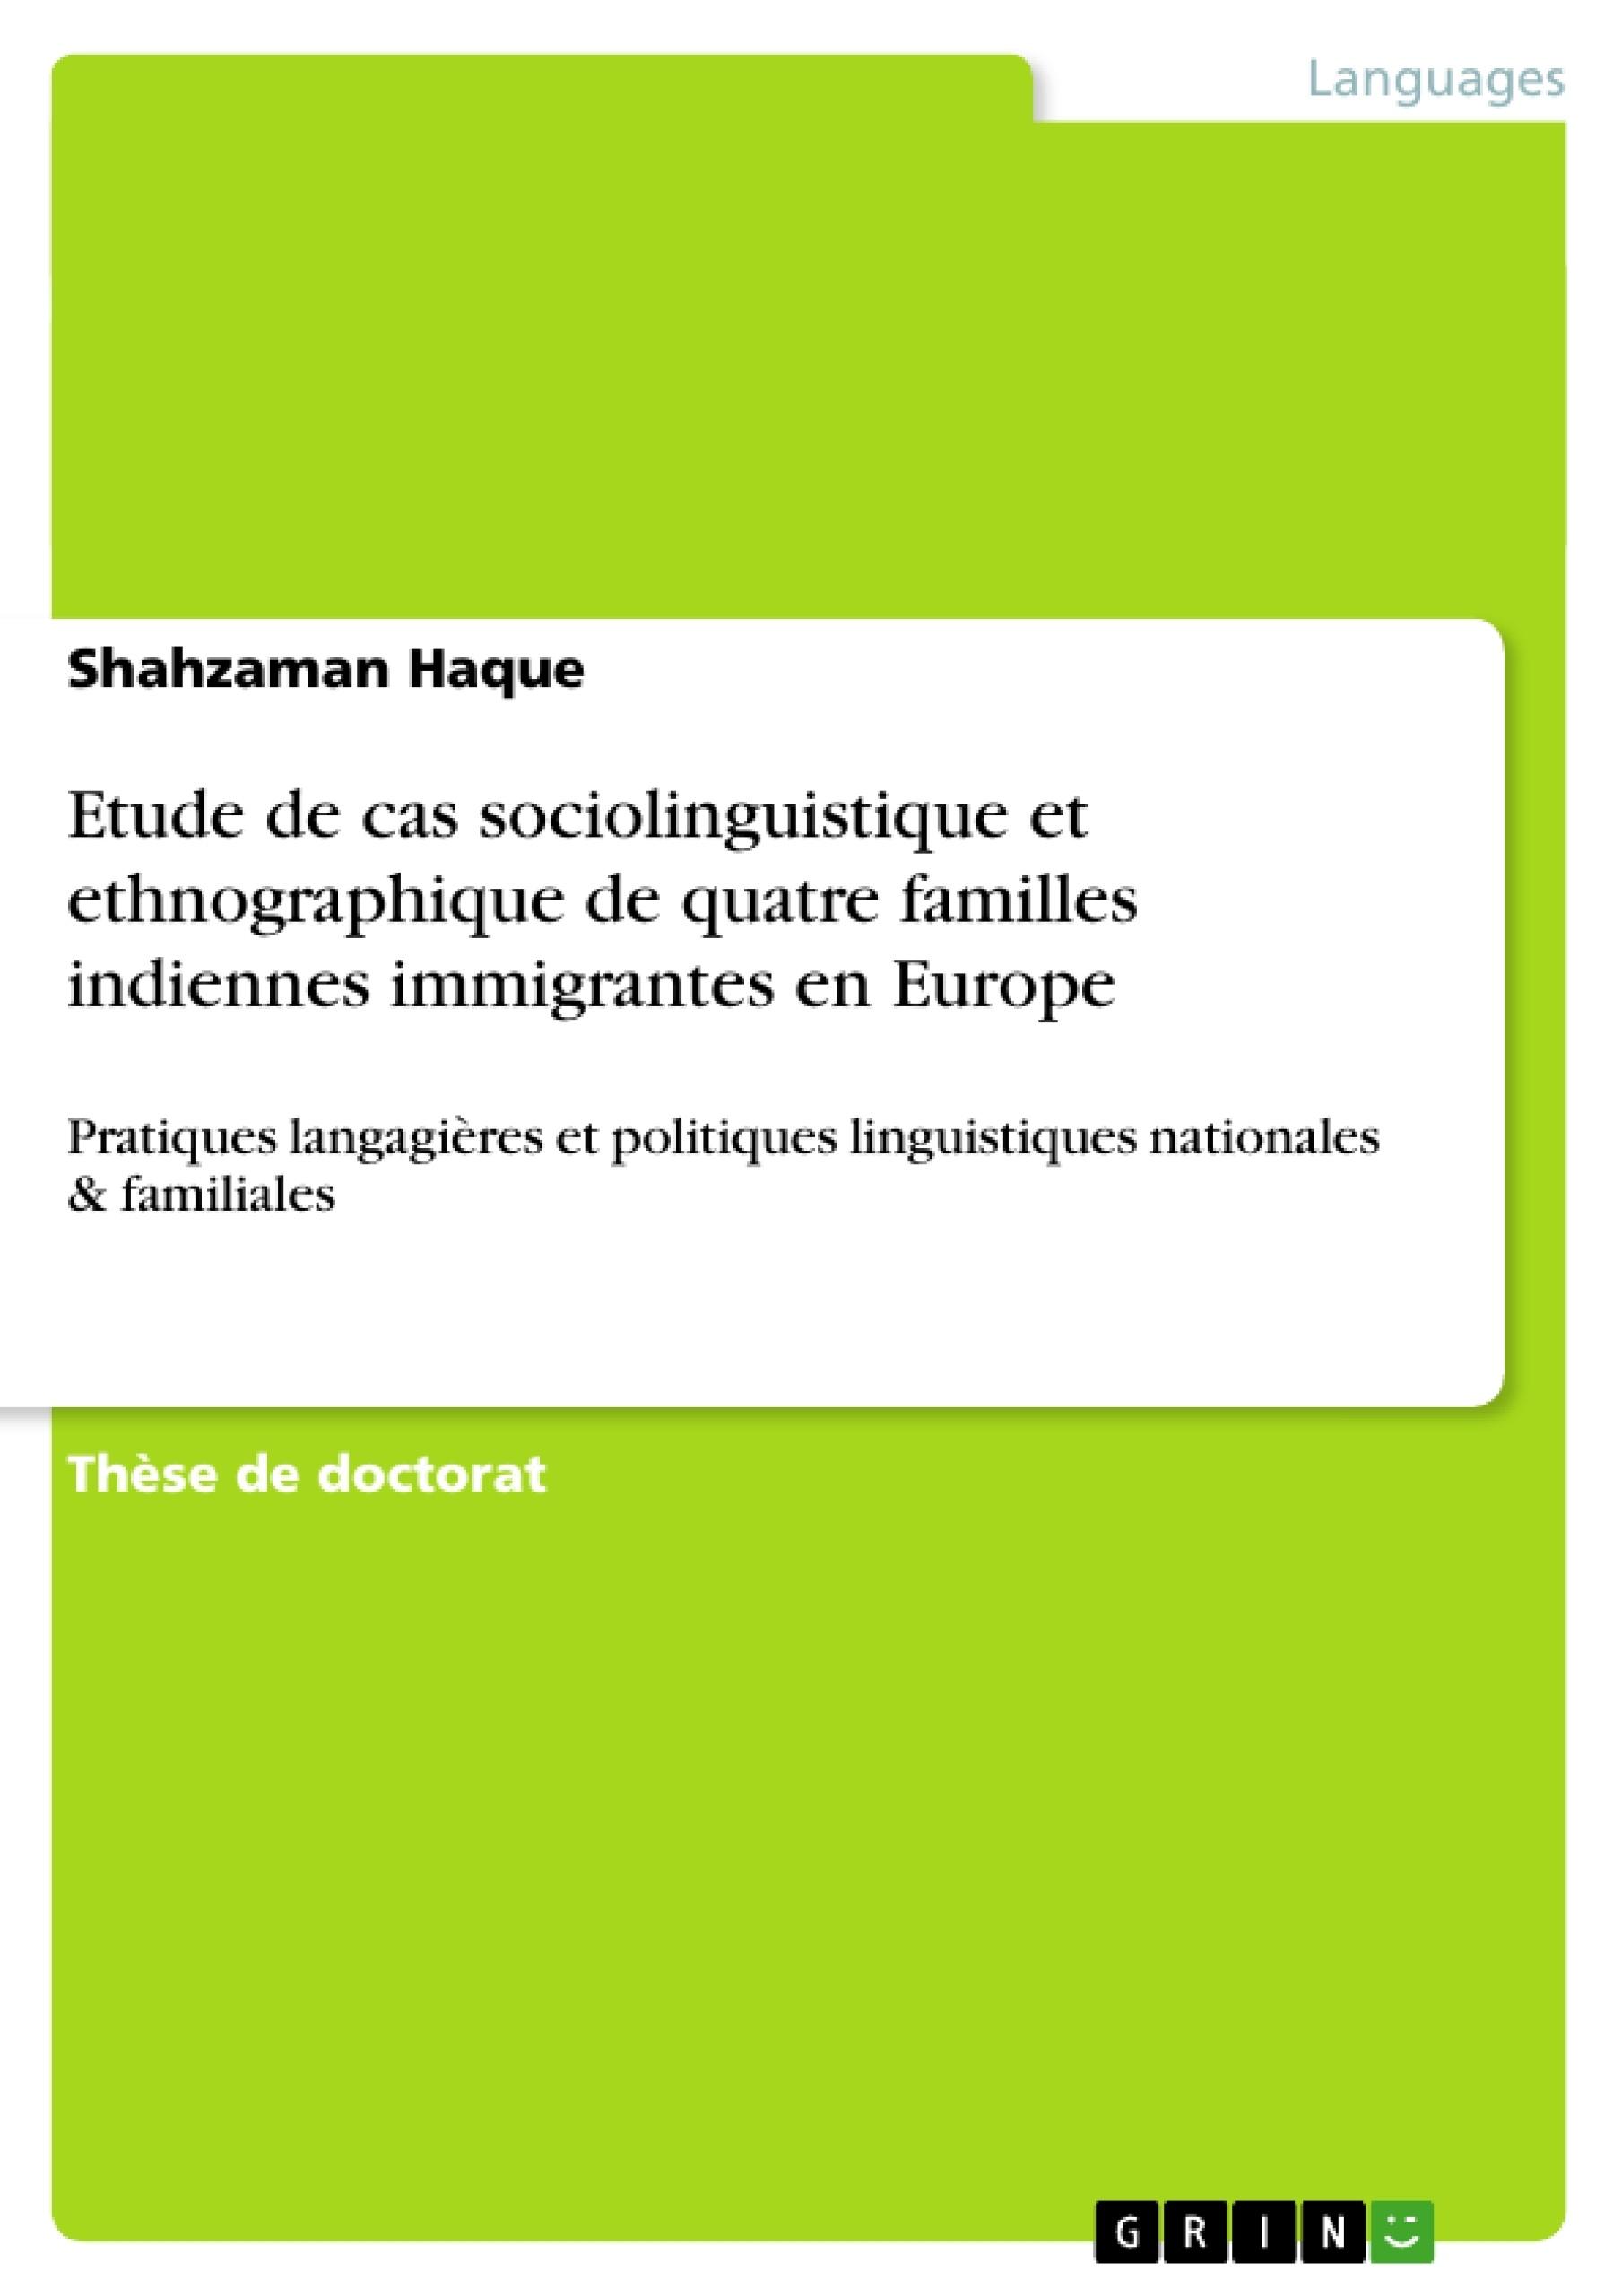 Titre: Etude de cas sociolinguistique et ethnographique de quatre familles indiennes immigrantes en Europe